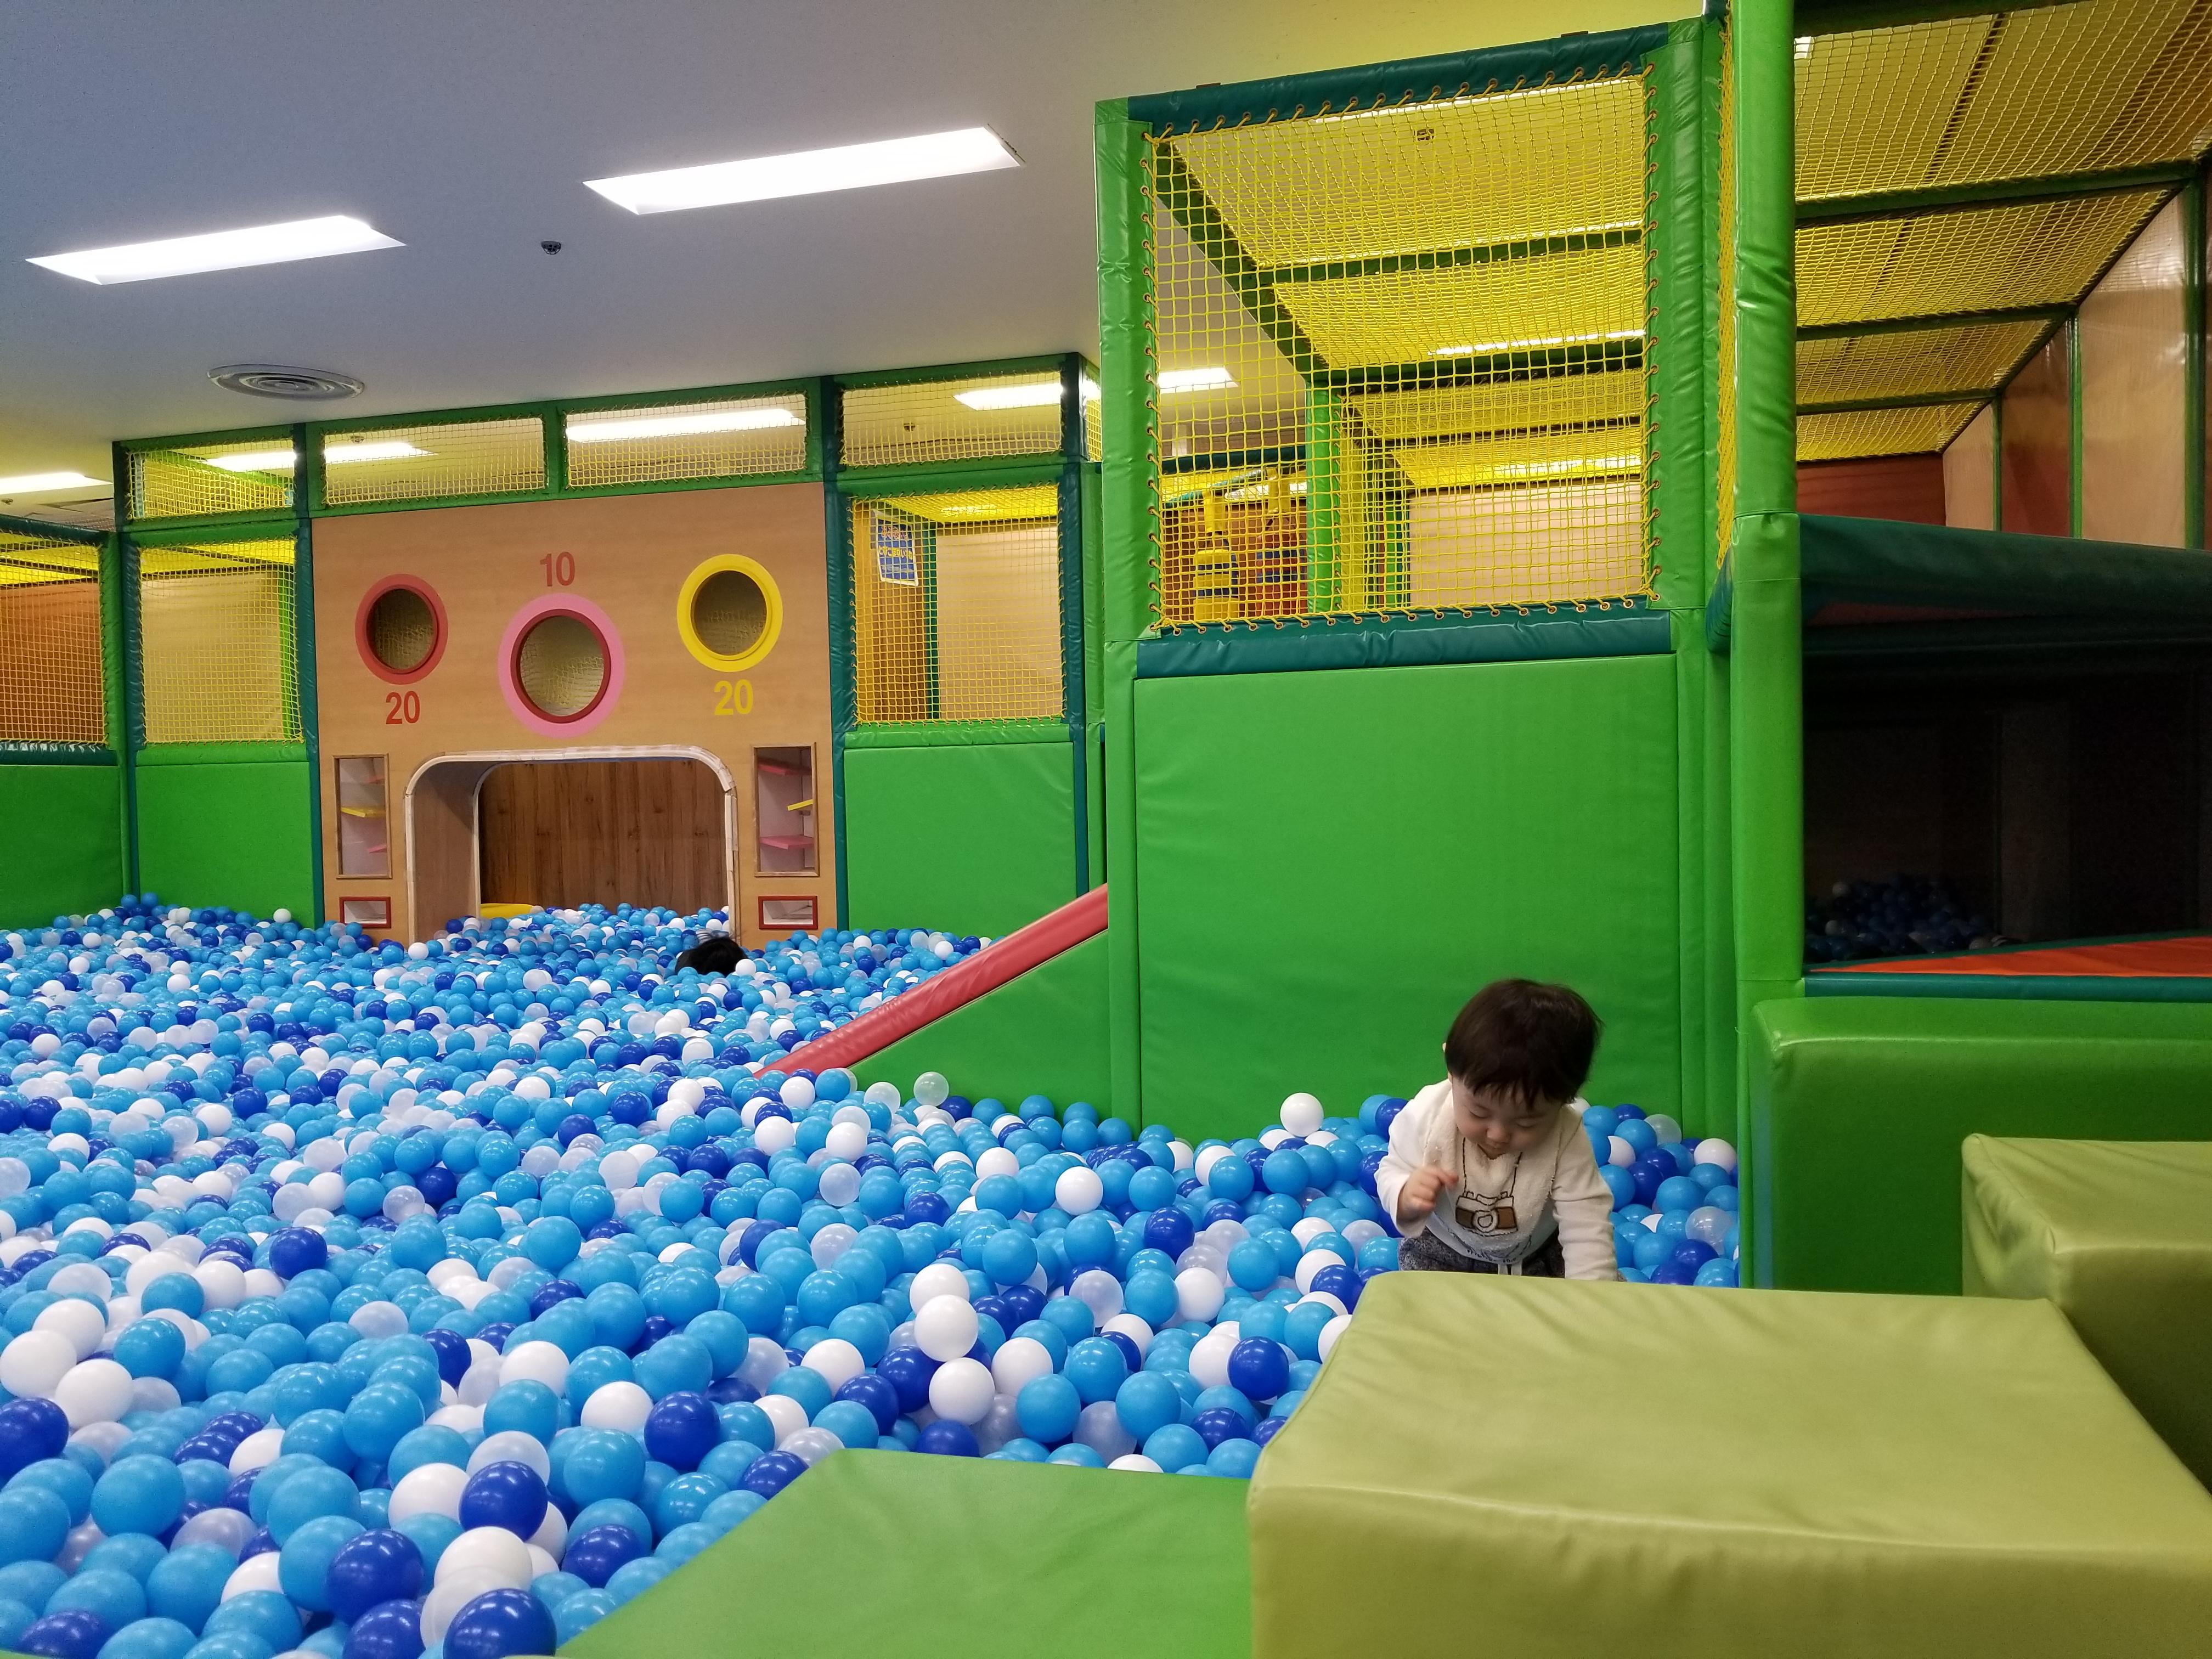 ボールプールと遊具